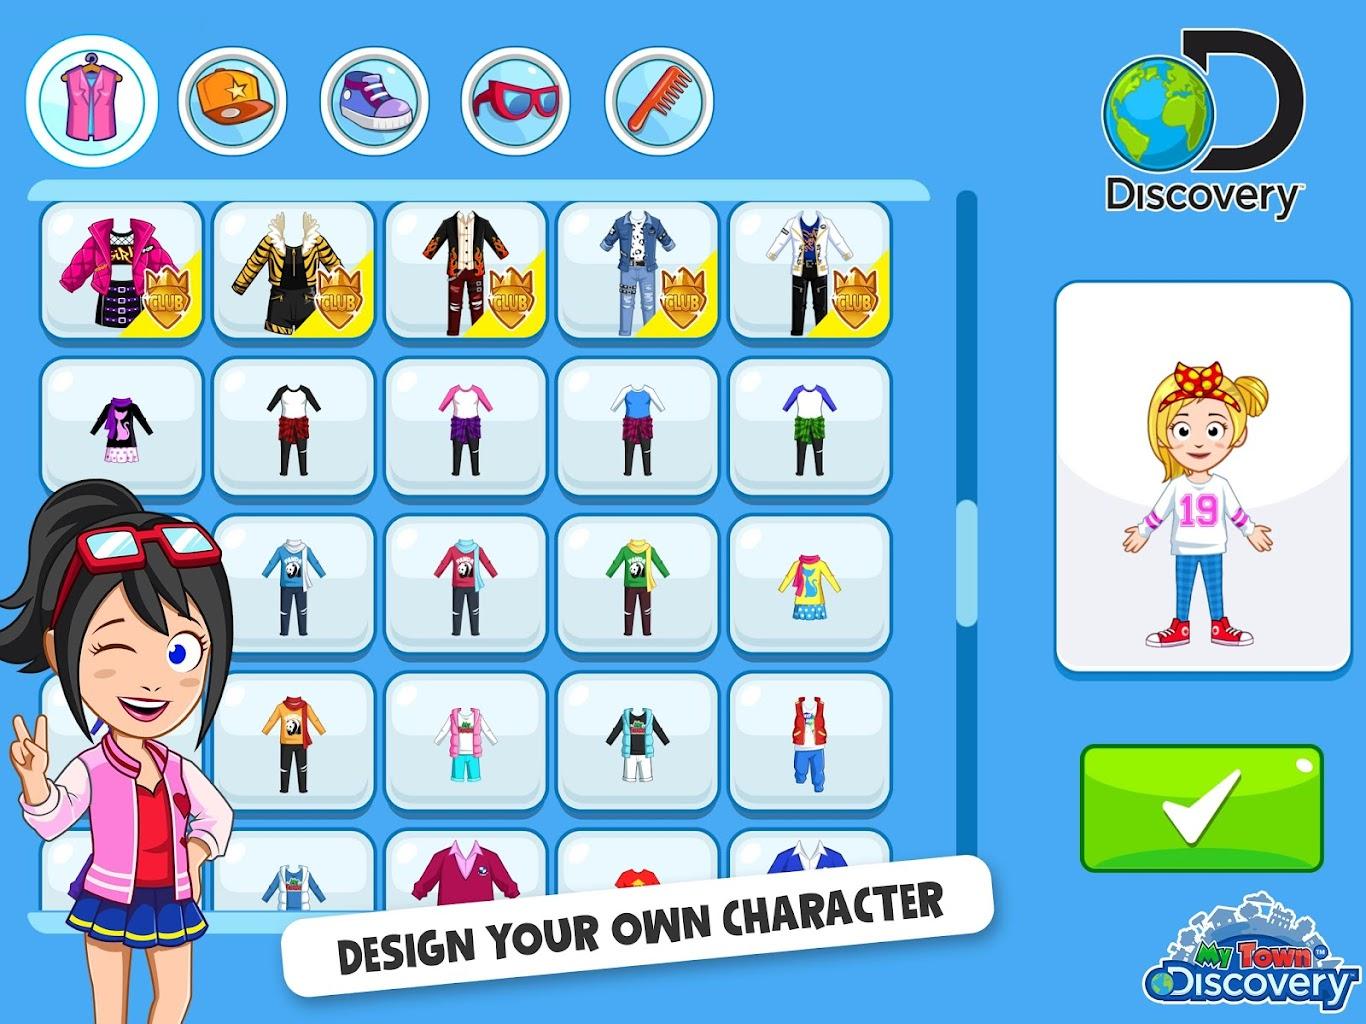 ڈاؤن لوڈ اتارنا My Town Discovery Apk Obb Android ڈاؤن لوڈ کے لئے تازہ ترین ورژن